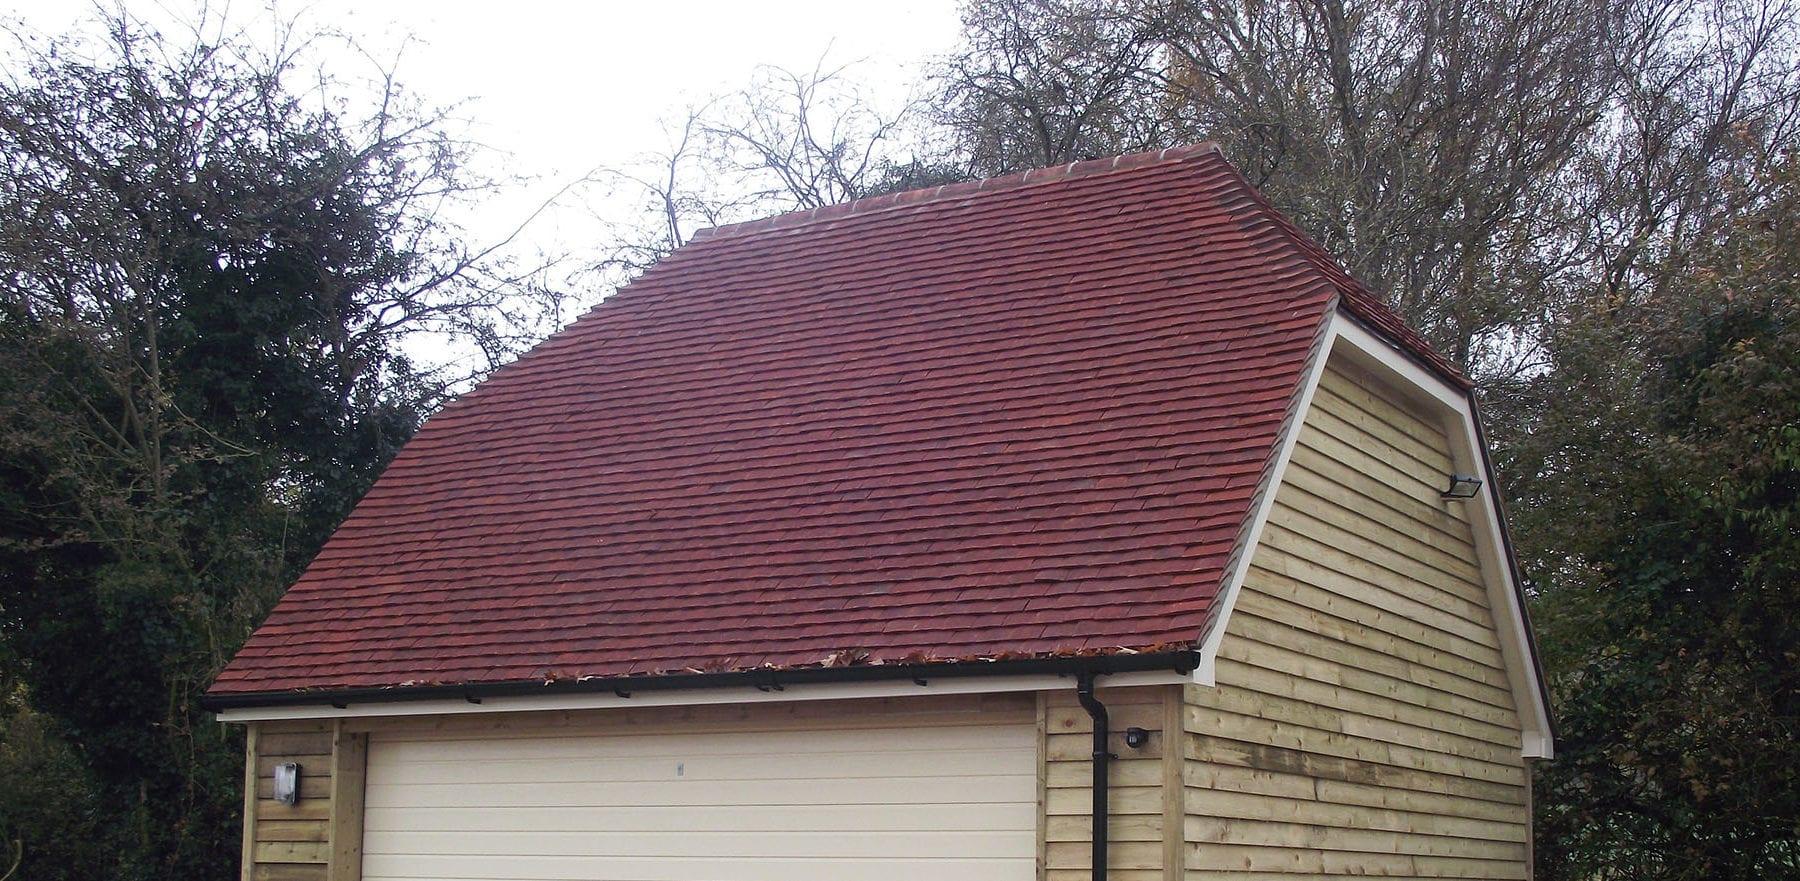 Lifestiles - Handmade Heather Clay Roof Tiles - Favant, England 3